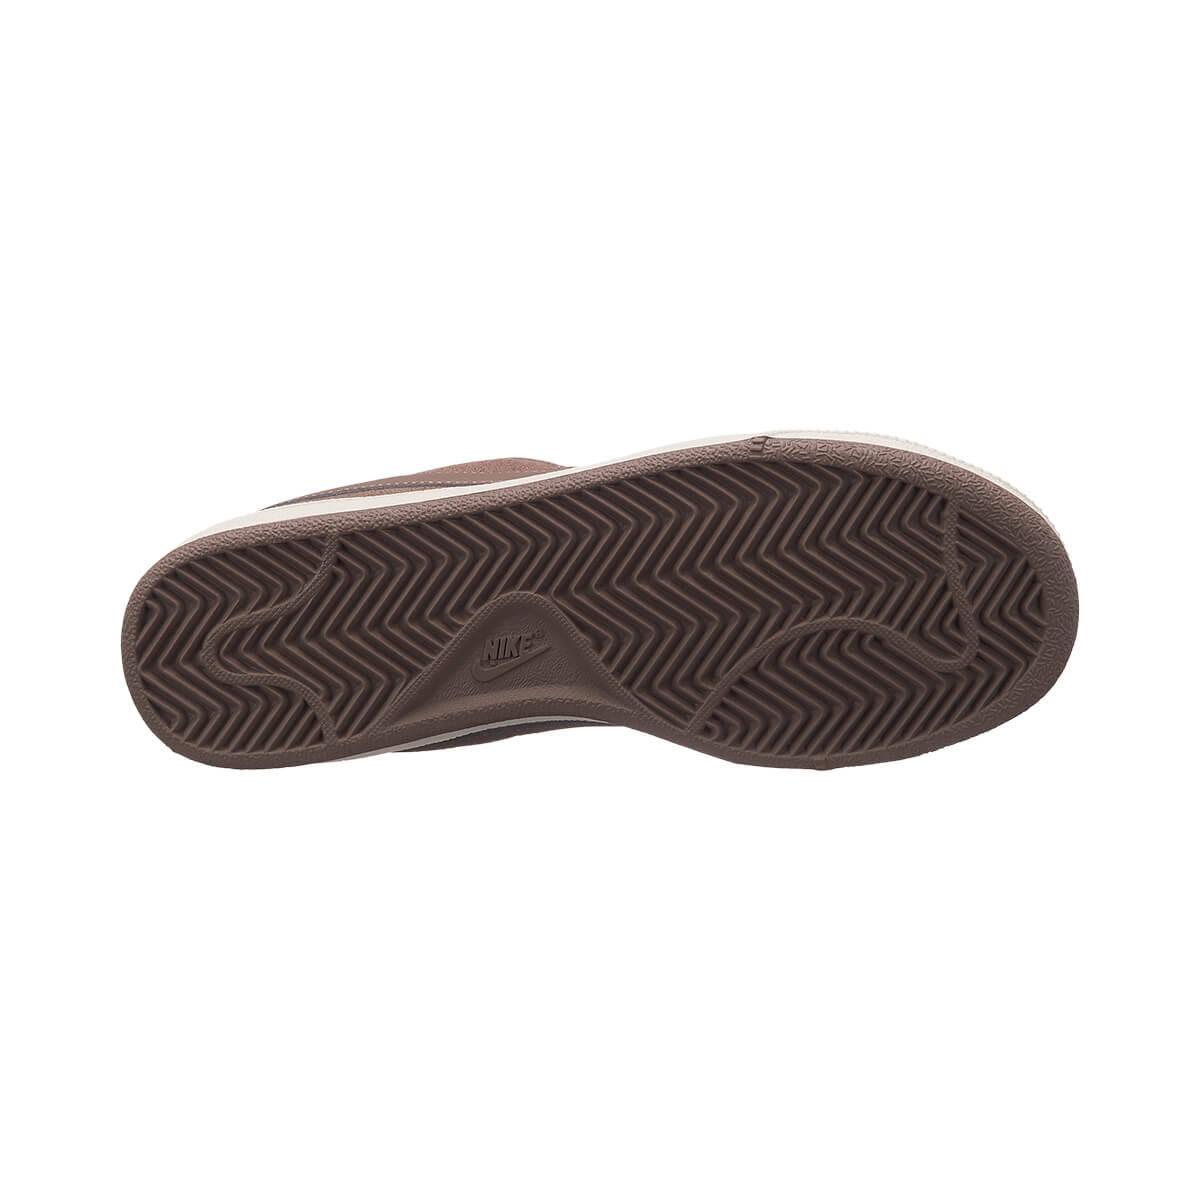 Court Ayakkabı Royale Nike Kahverengi Kadın Günlük Suede 916795 200 7qagad